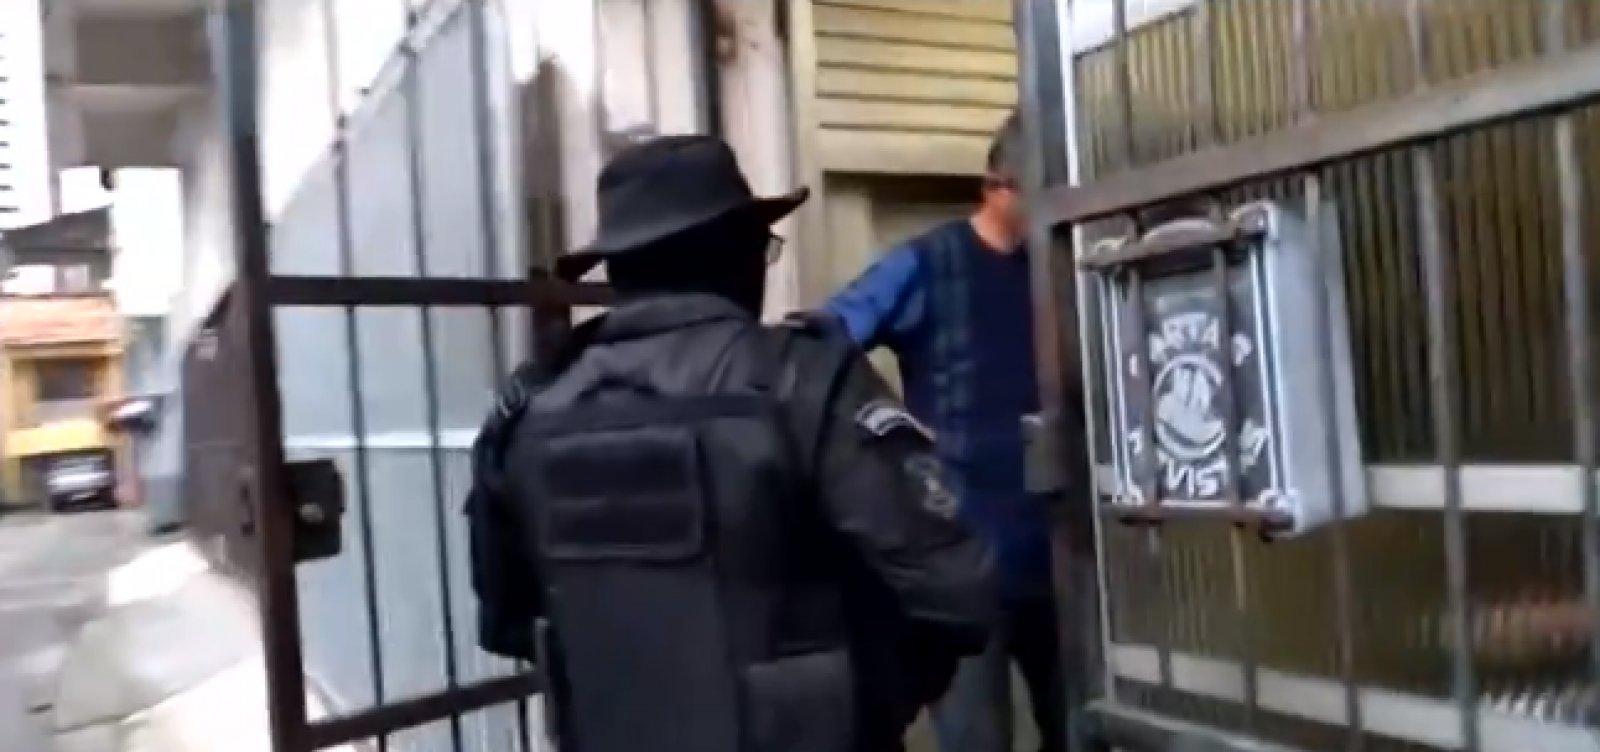 [Operação que busca foragidos por homicídio e feminicídio cumpre mais de 200 mandados de prisão na Bahia]